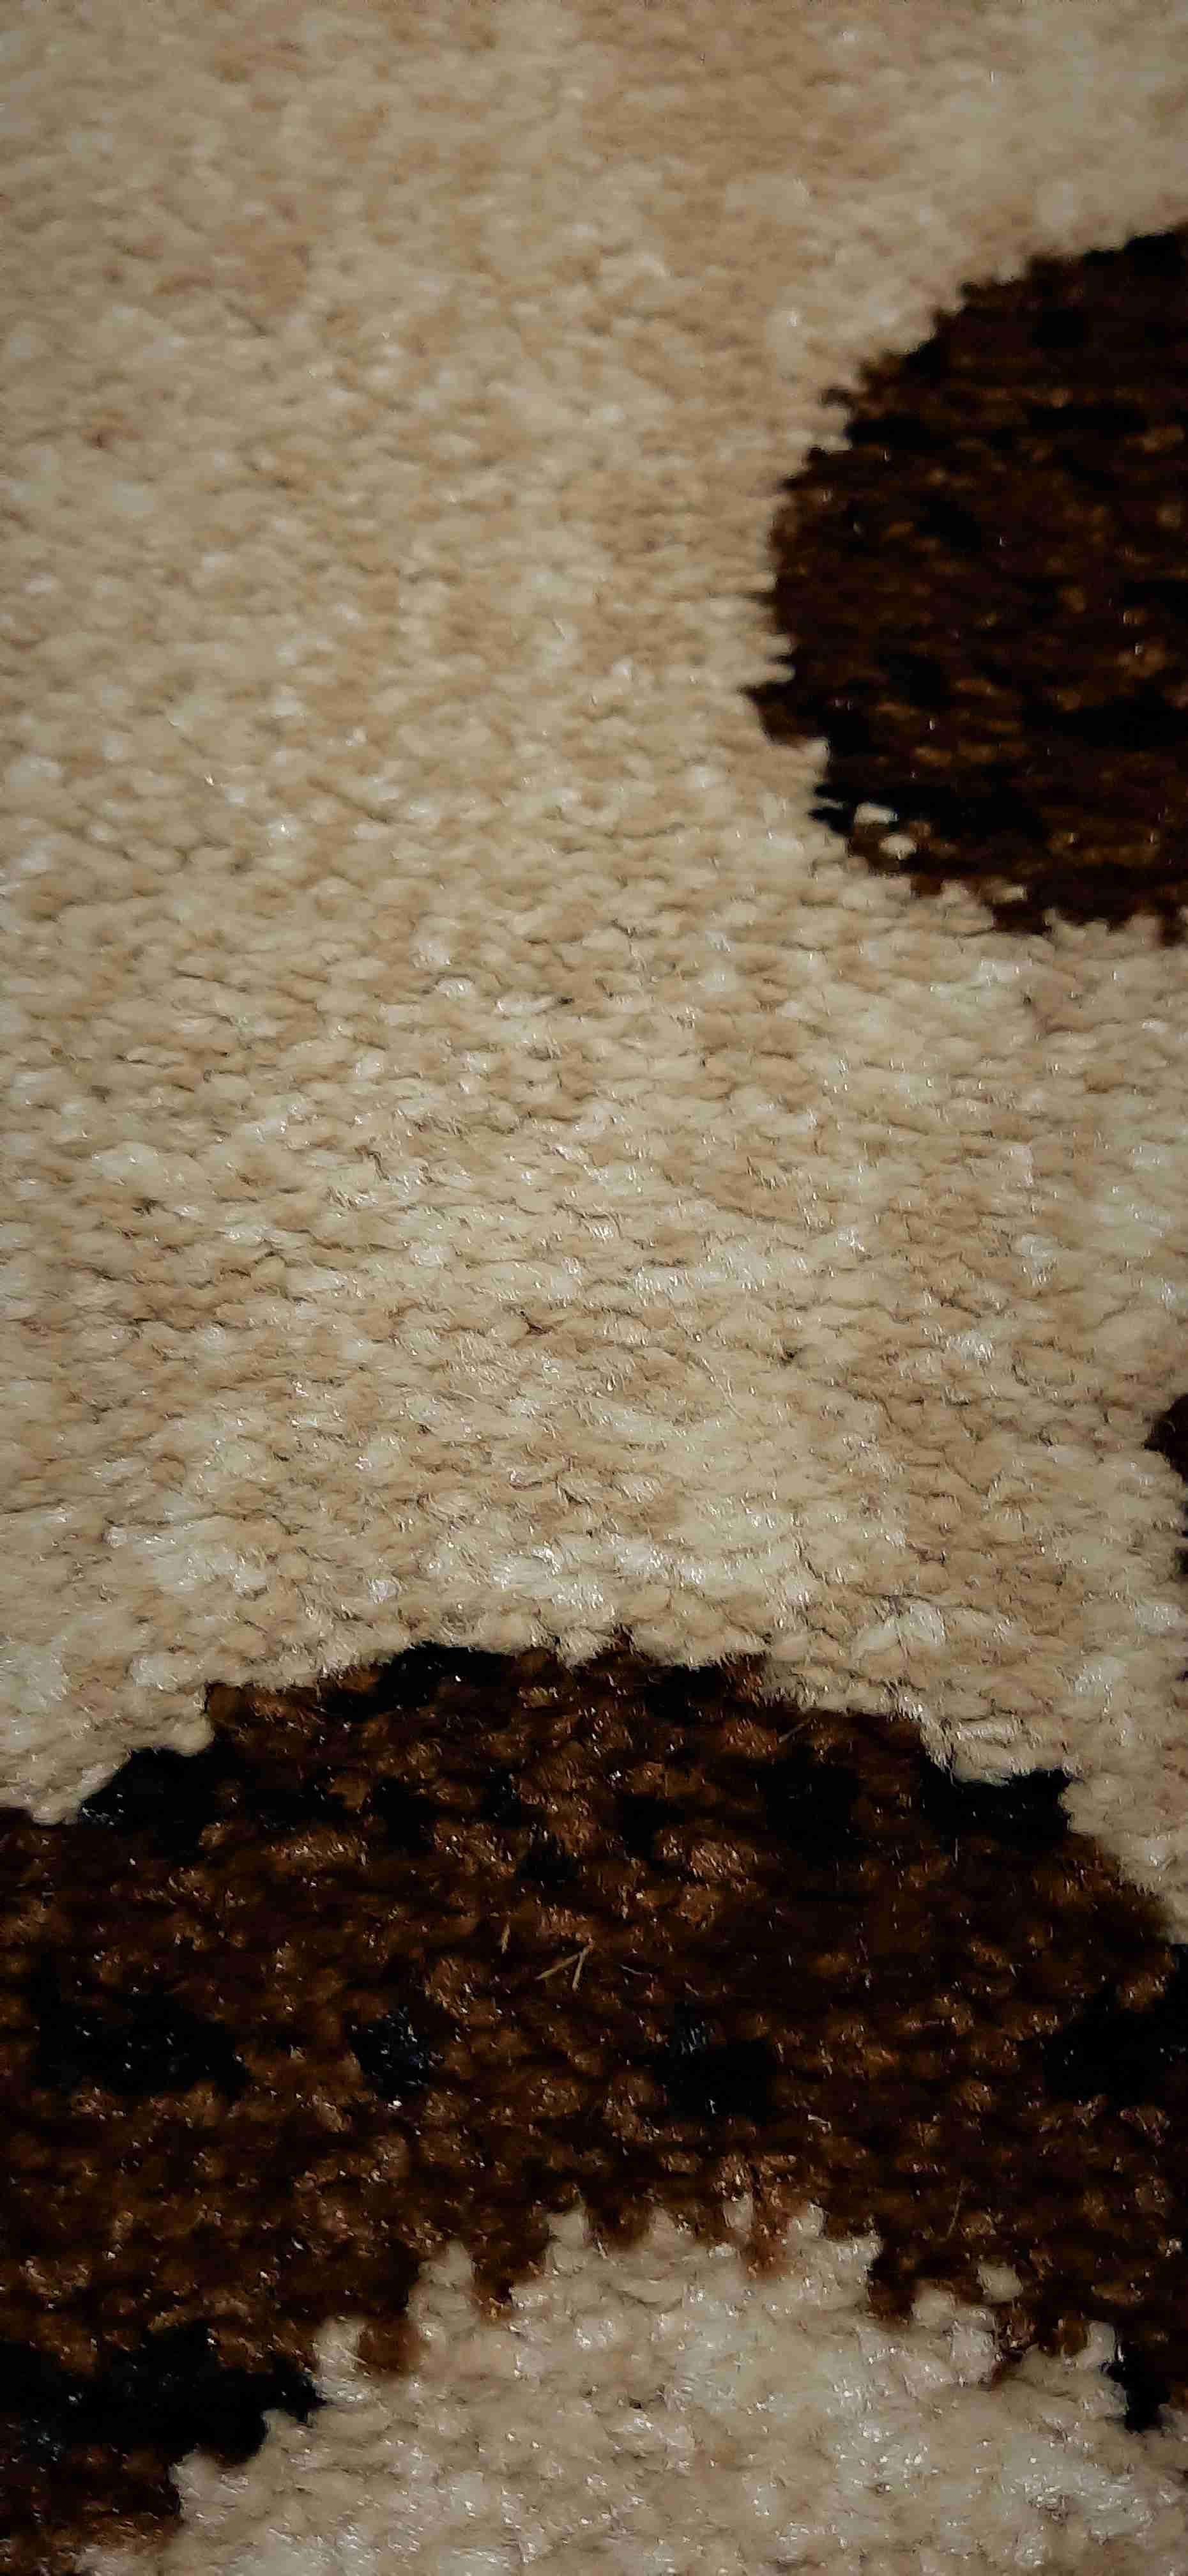 Traversa Covor, Cappuccino 16028-118, Bej / Maro, 60x800 cm, 1800 gr/mp 4